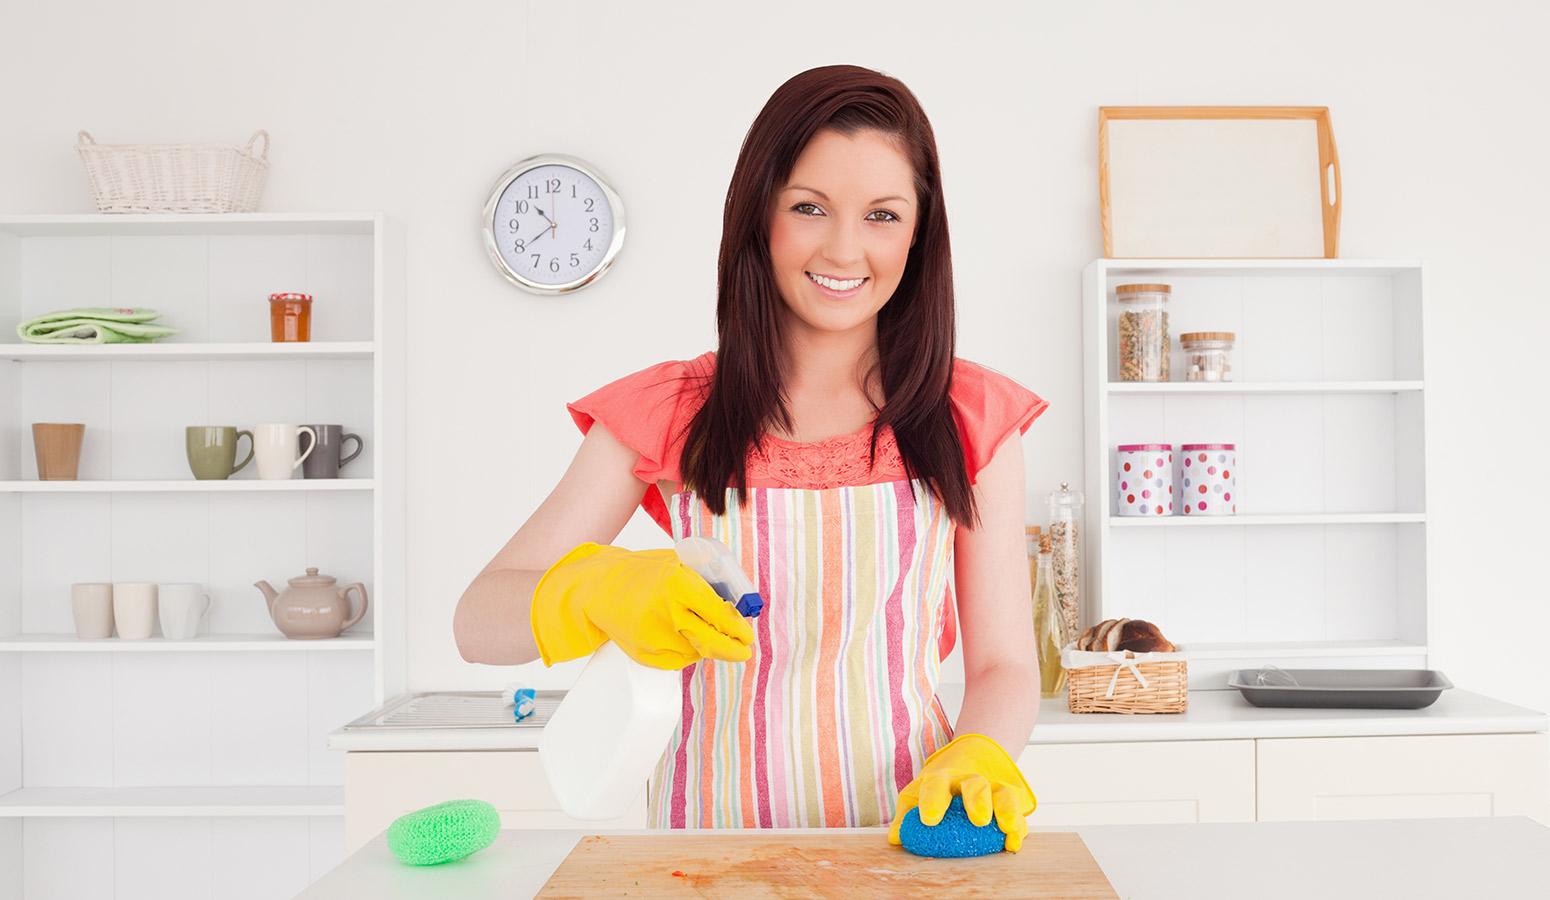 Чистота на кухне - преимущество в борьбе с мышами